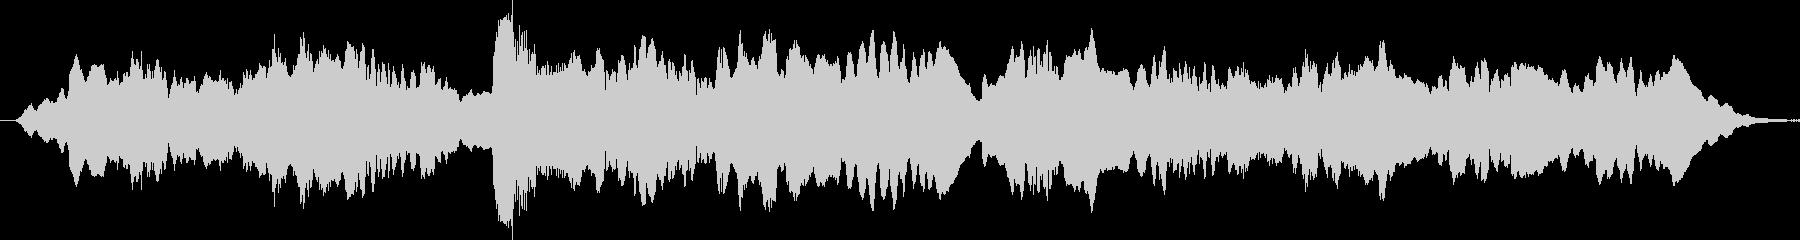 哀愁のあるフルートが印象的なブルースの未再生の波形